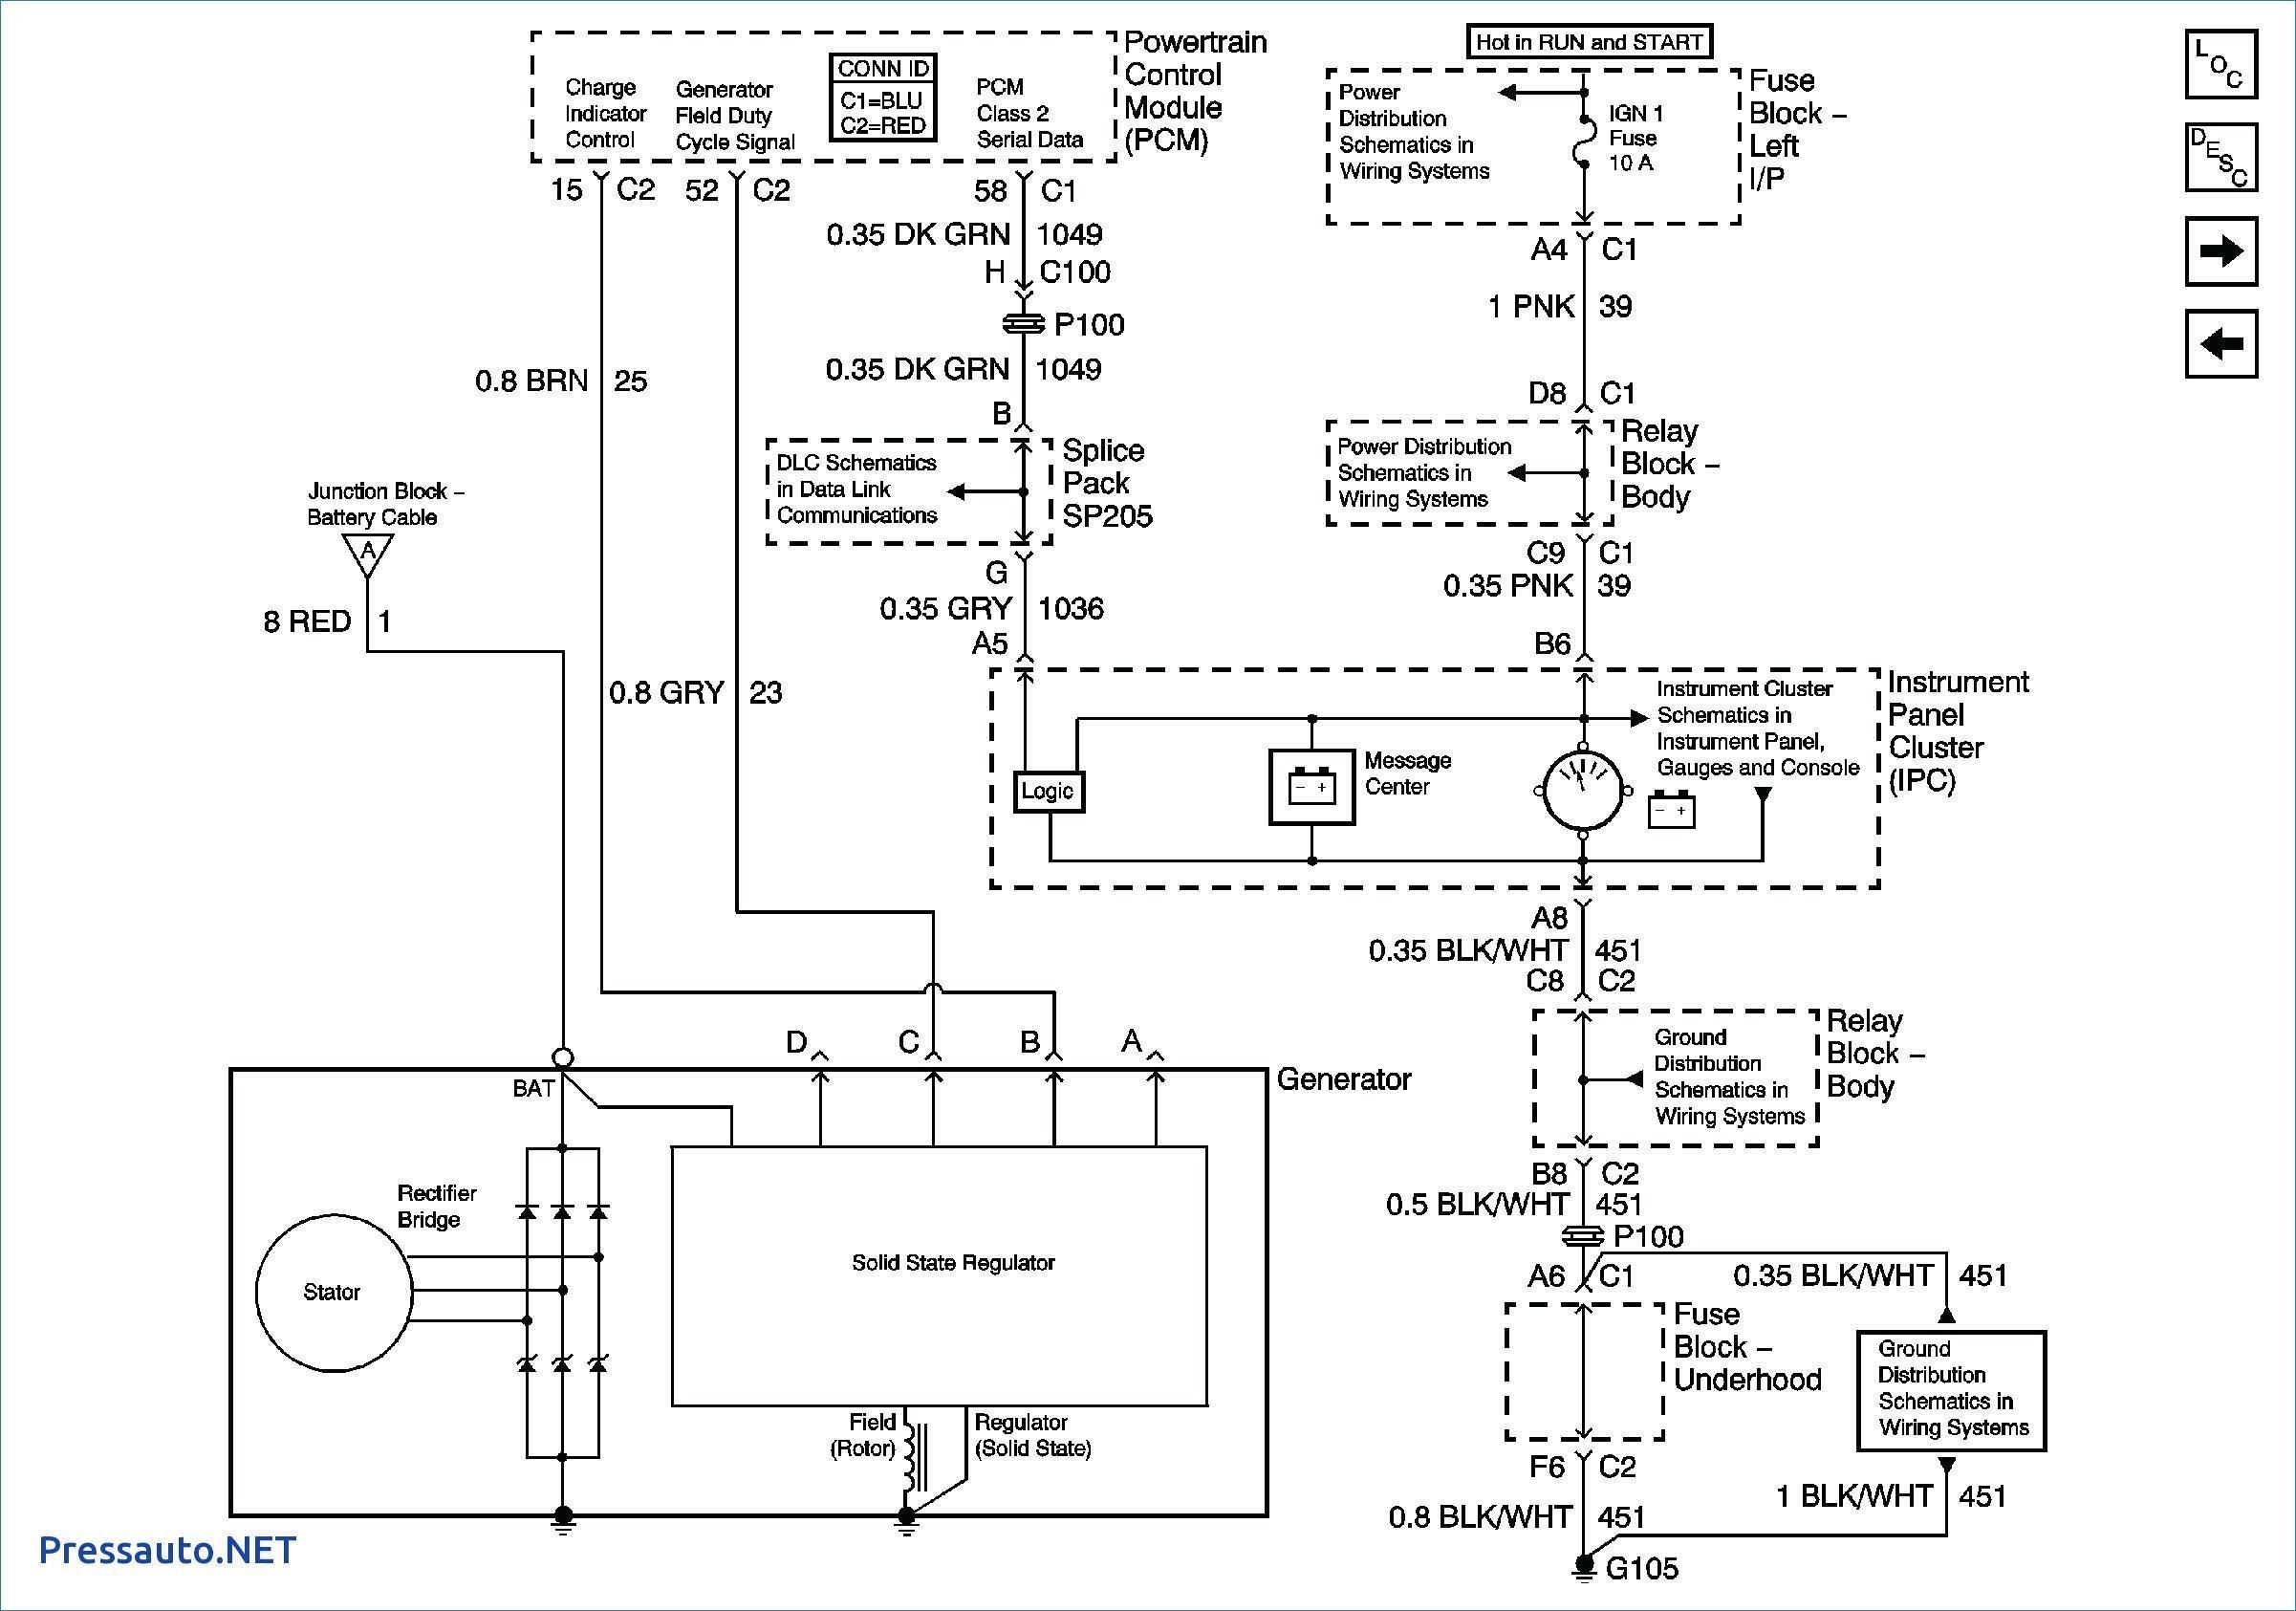 Garage Door Wiring Diagram Wiring Diagram for Garage New Craftsman Garage Door Sensor Wiring Of Garage Door Wiring Diagram